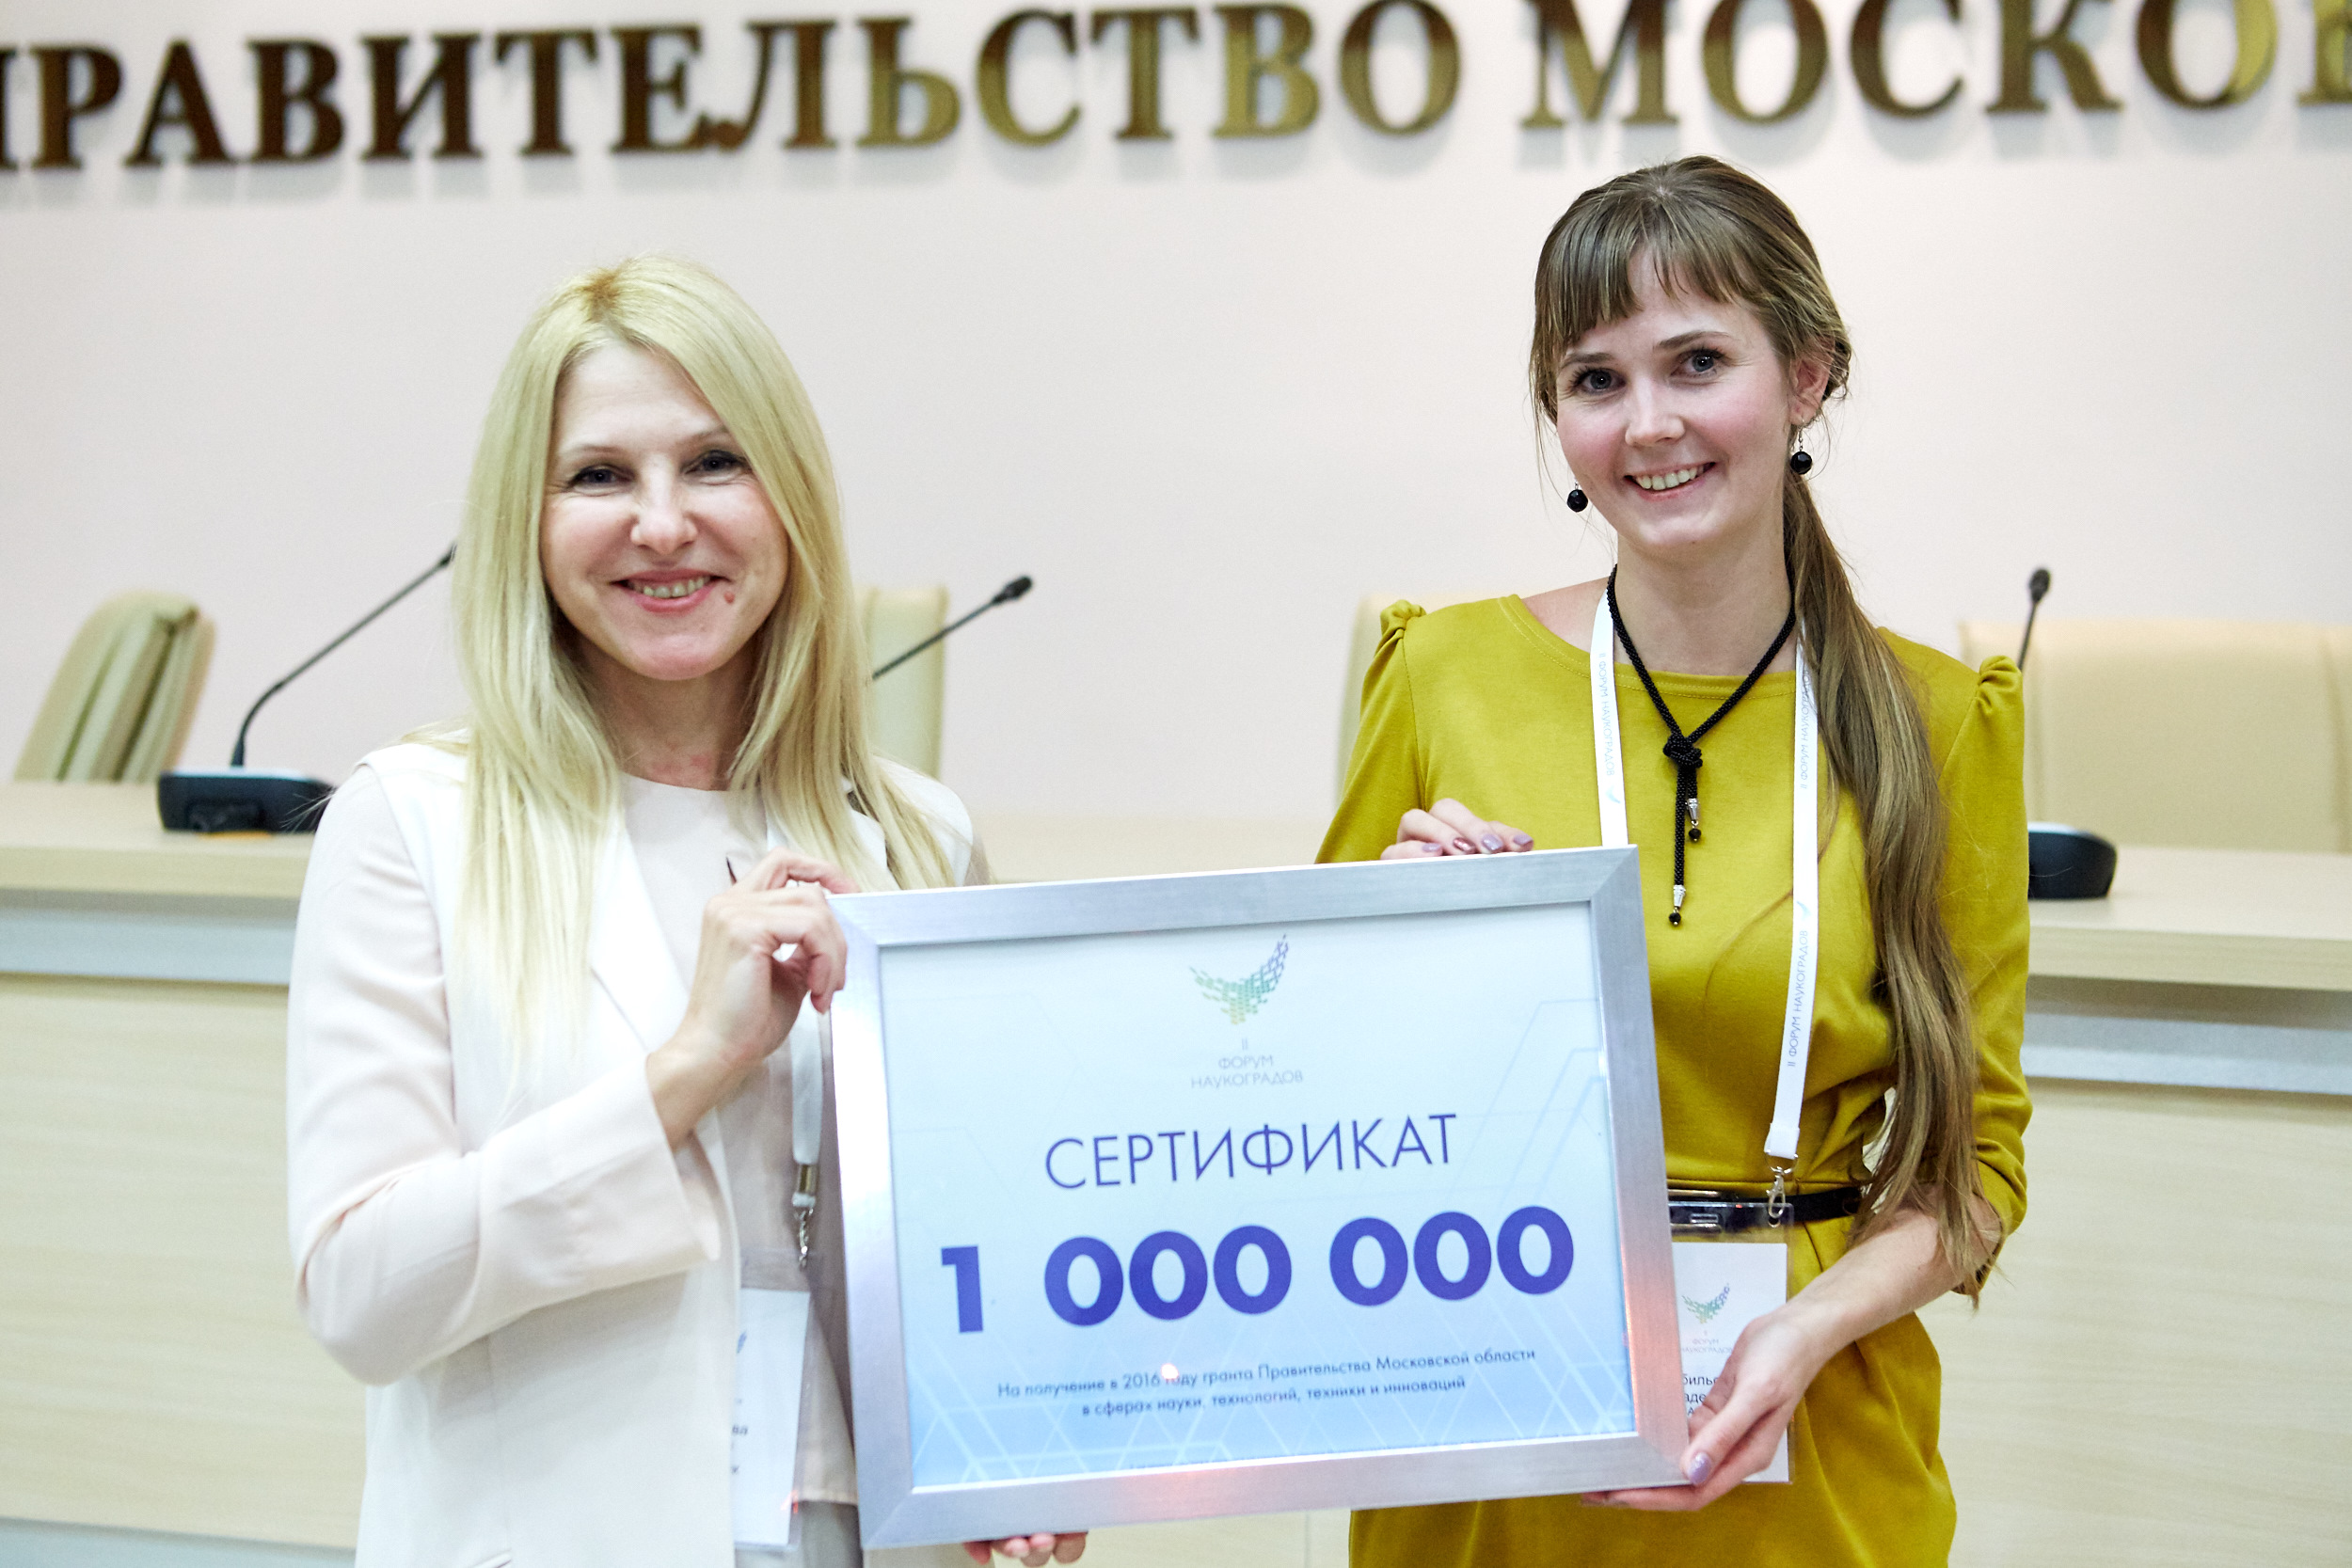 2015-11-11-Наукаград-488.jpg